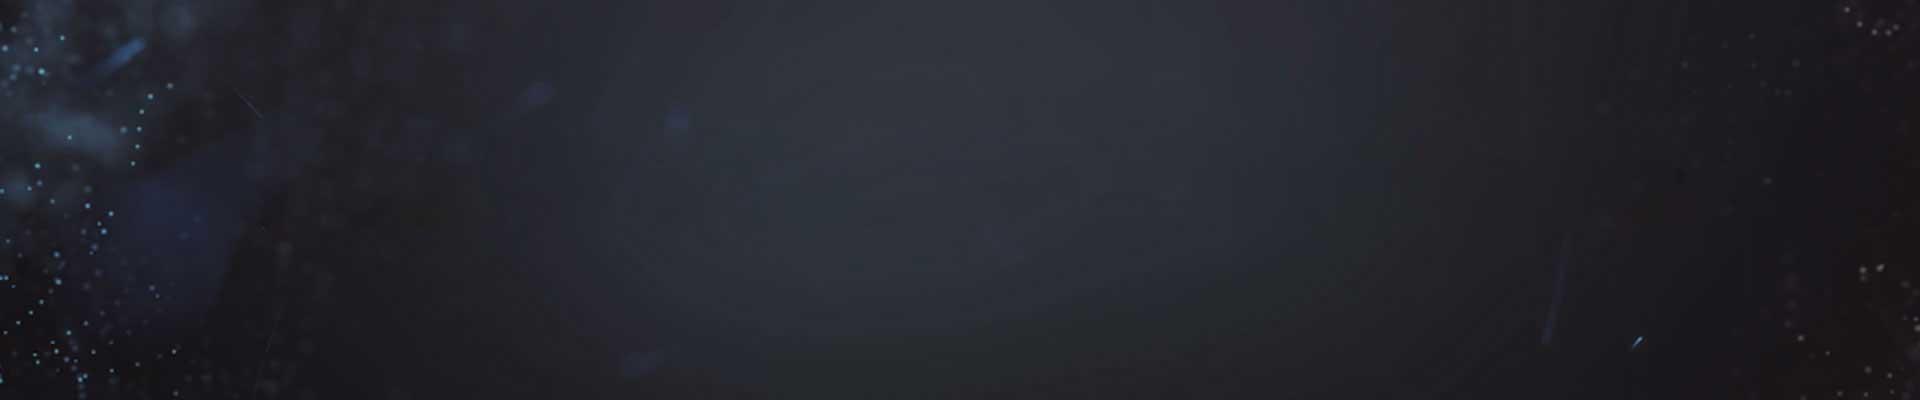 schniewindt-hintergrund-01-1920x400px